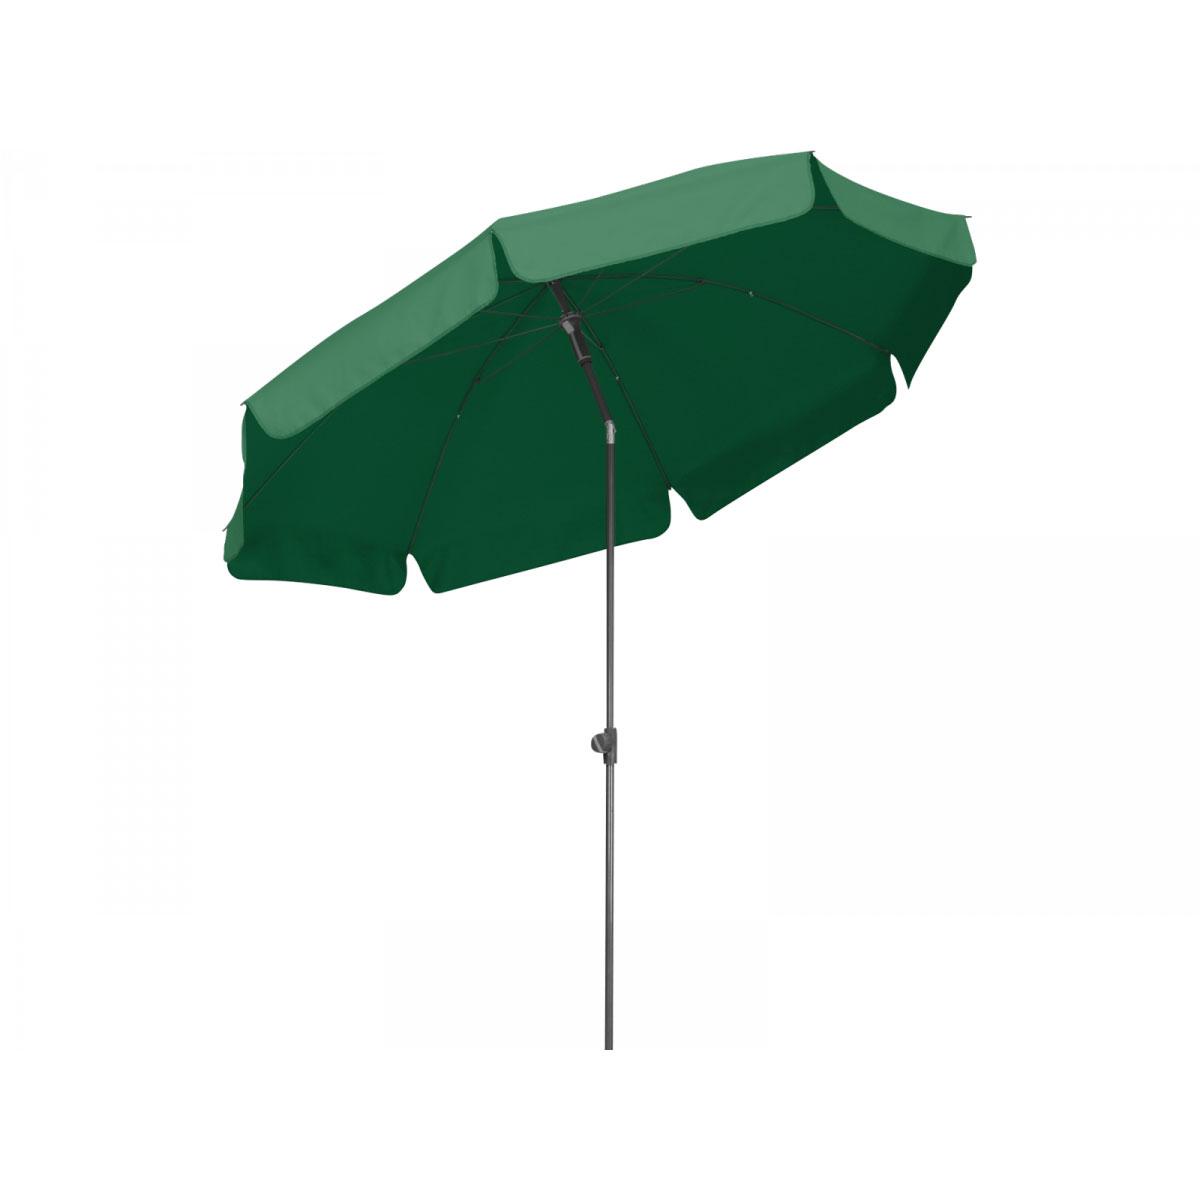 Schutzhülle für Sonnenschirm 4m mit Reißverschluss grün Länge 2,30m robust